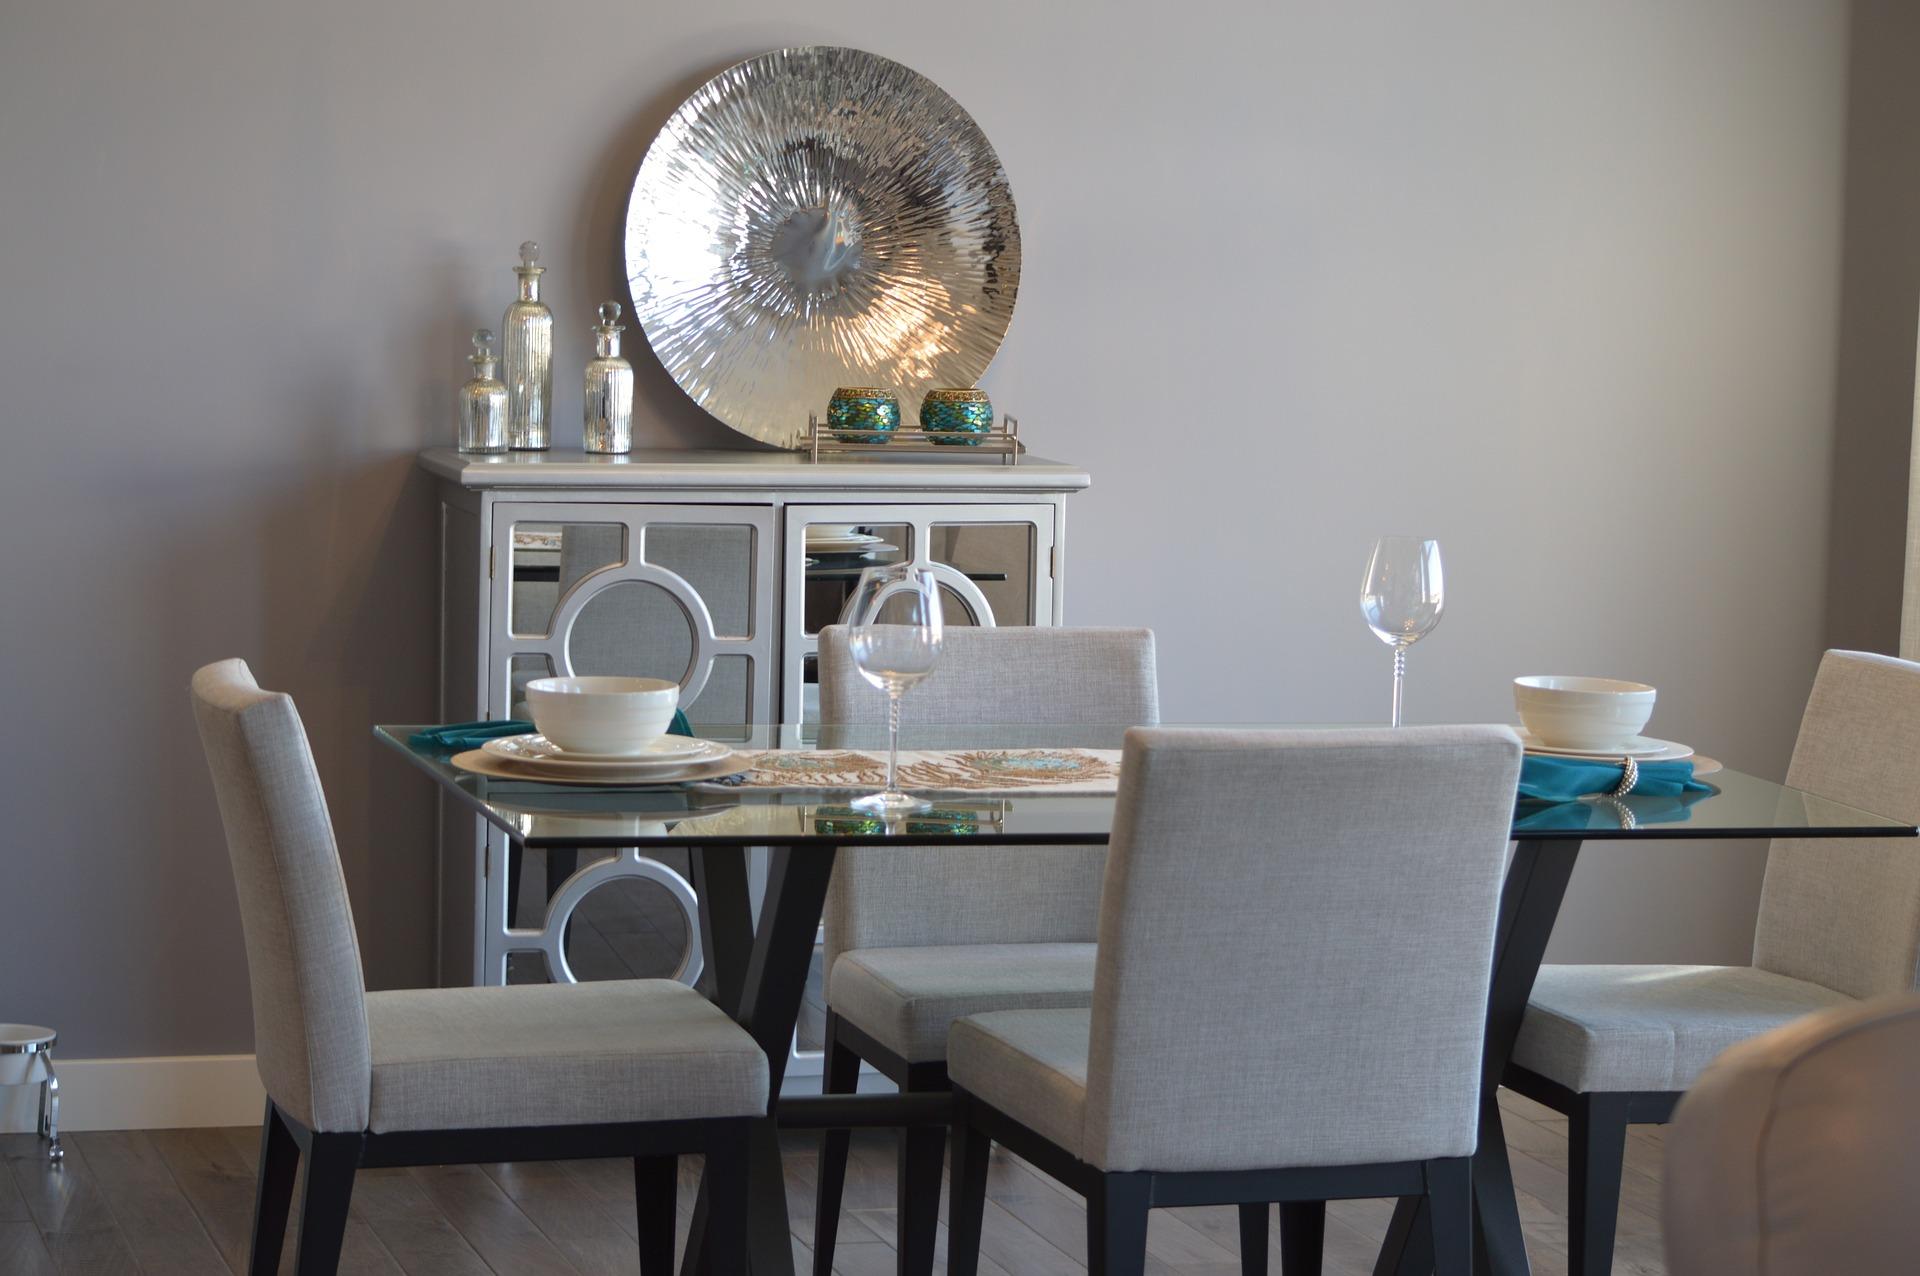 dining-room-1006525_1920